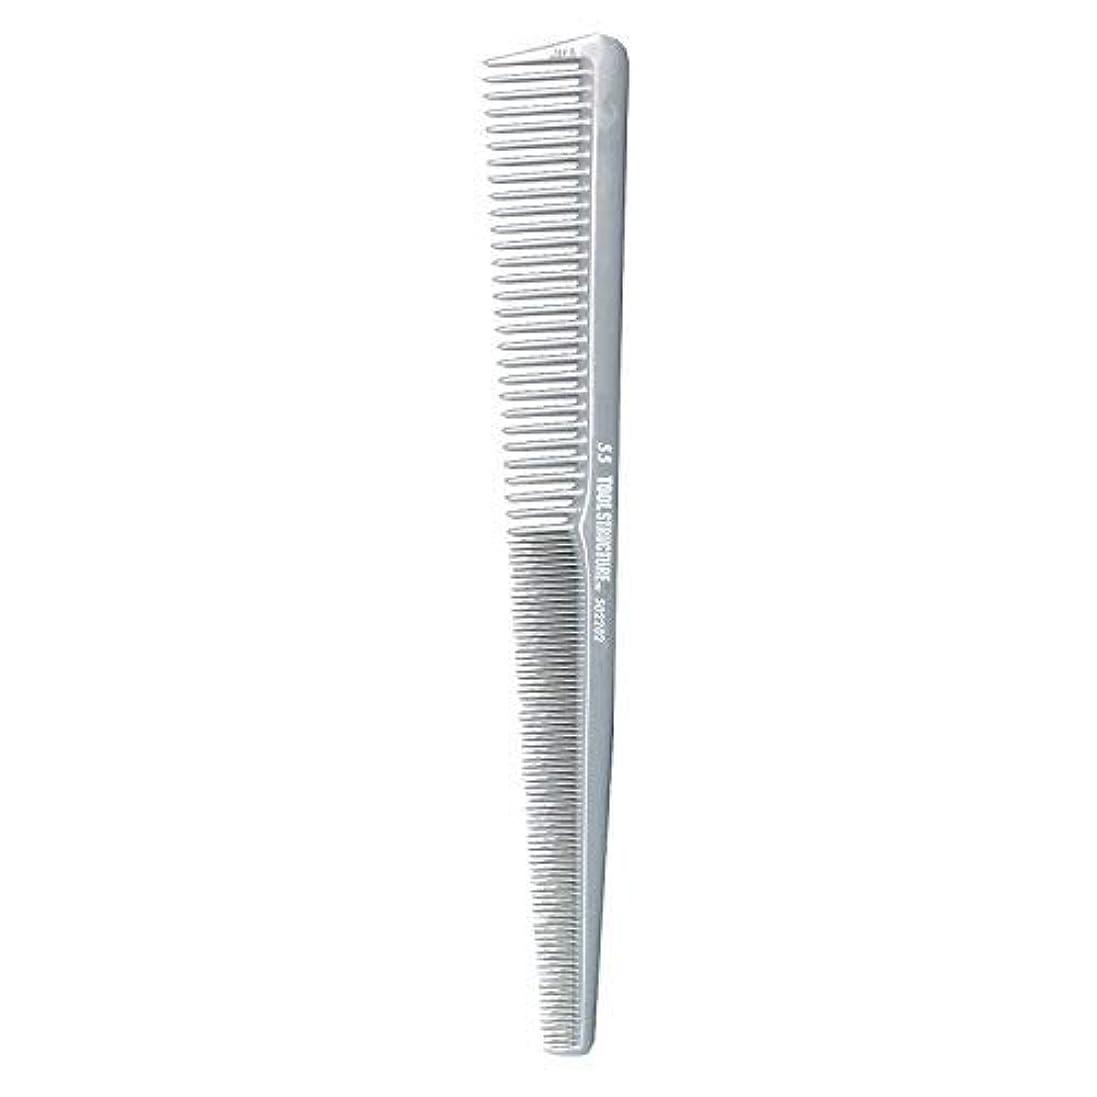 サスペンド受粉する混合Tool Structure Barber Comb #55 [並行輸入品]